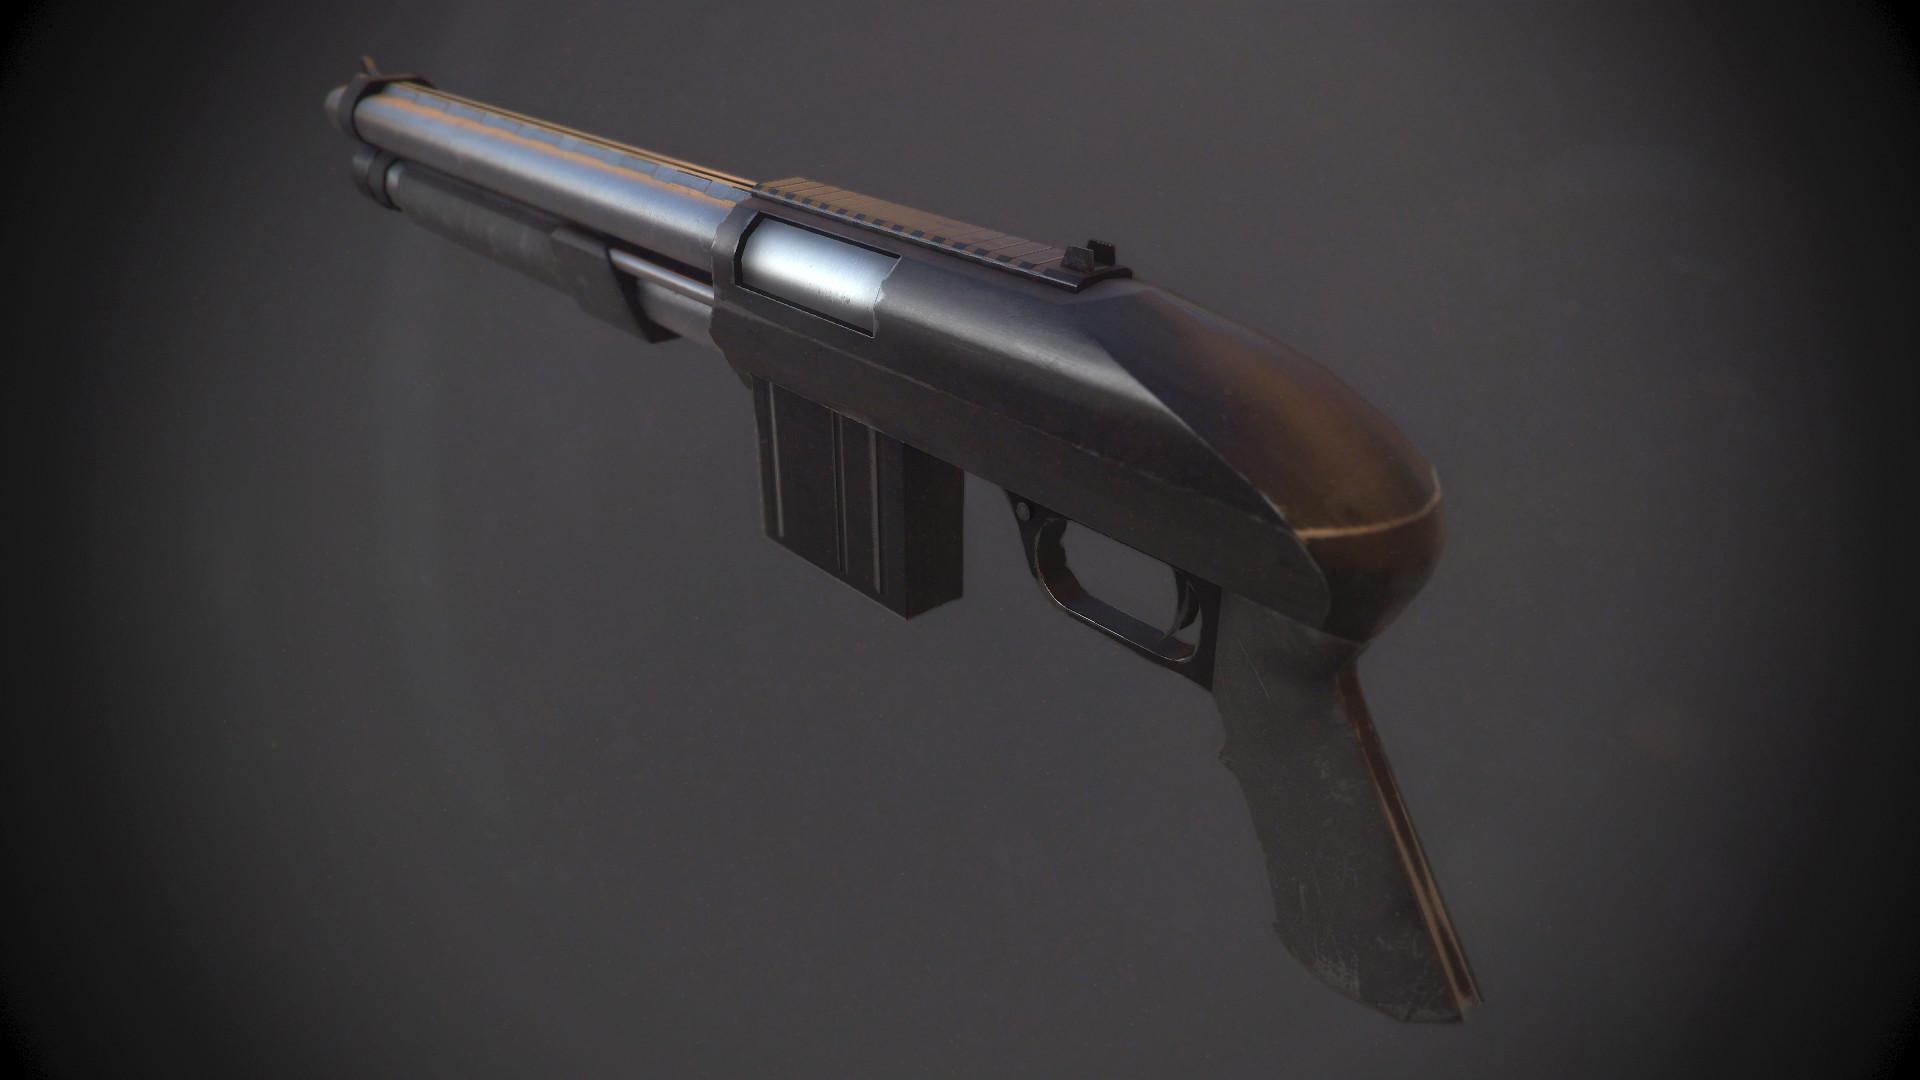 Xavier carton fusil a pompe 01